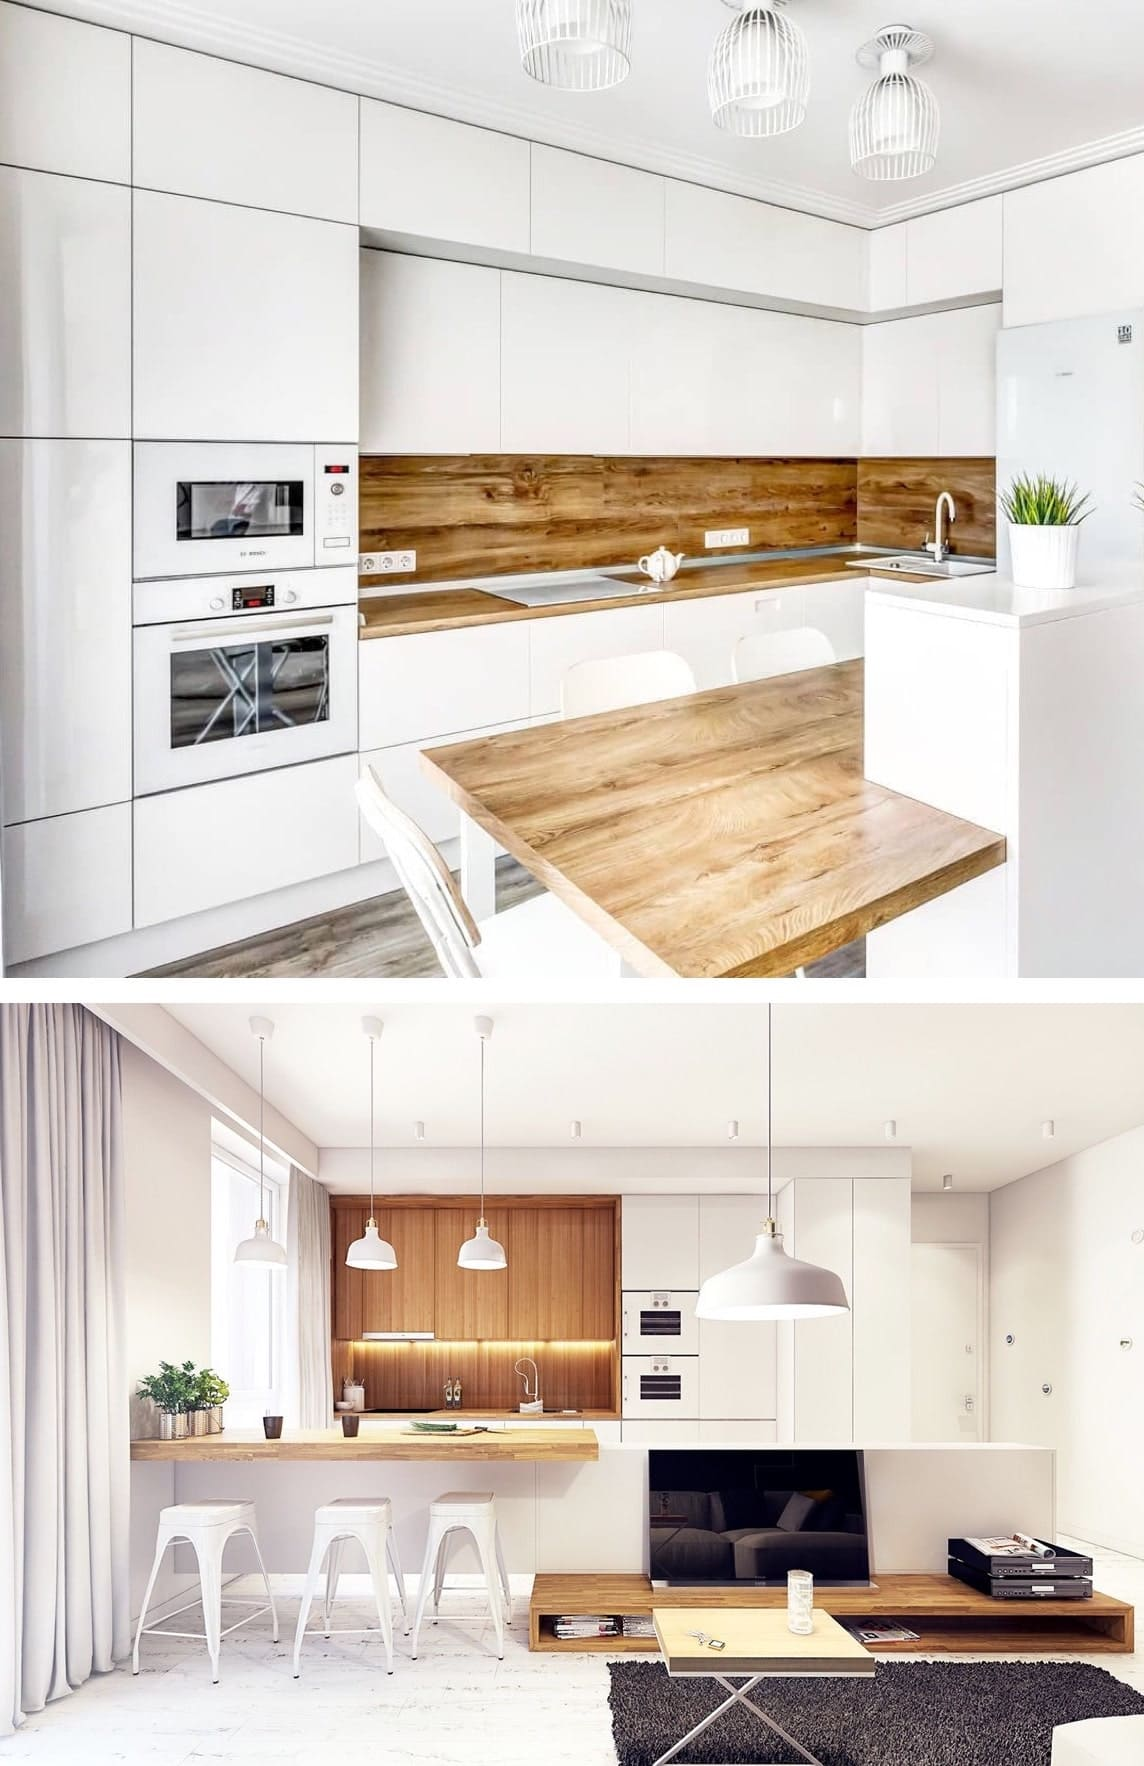 Чтобы в белой кухне было уютно, желательно использовать советы дизайнеров по колористике данного типа помещения